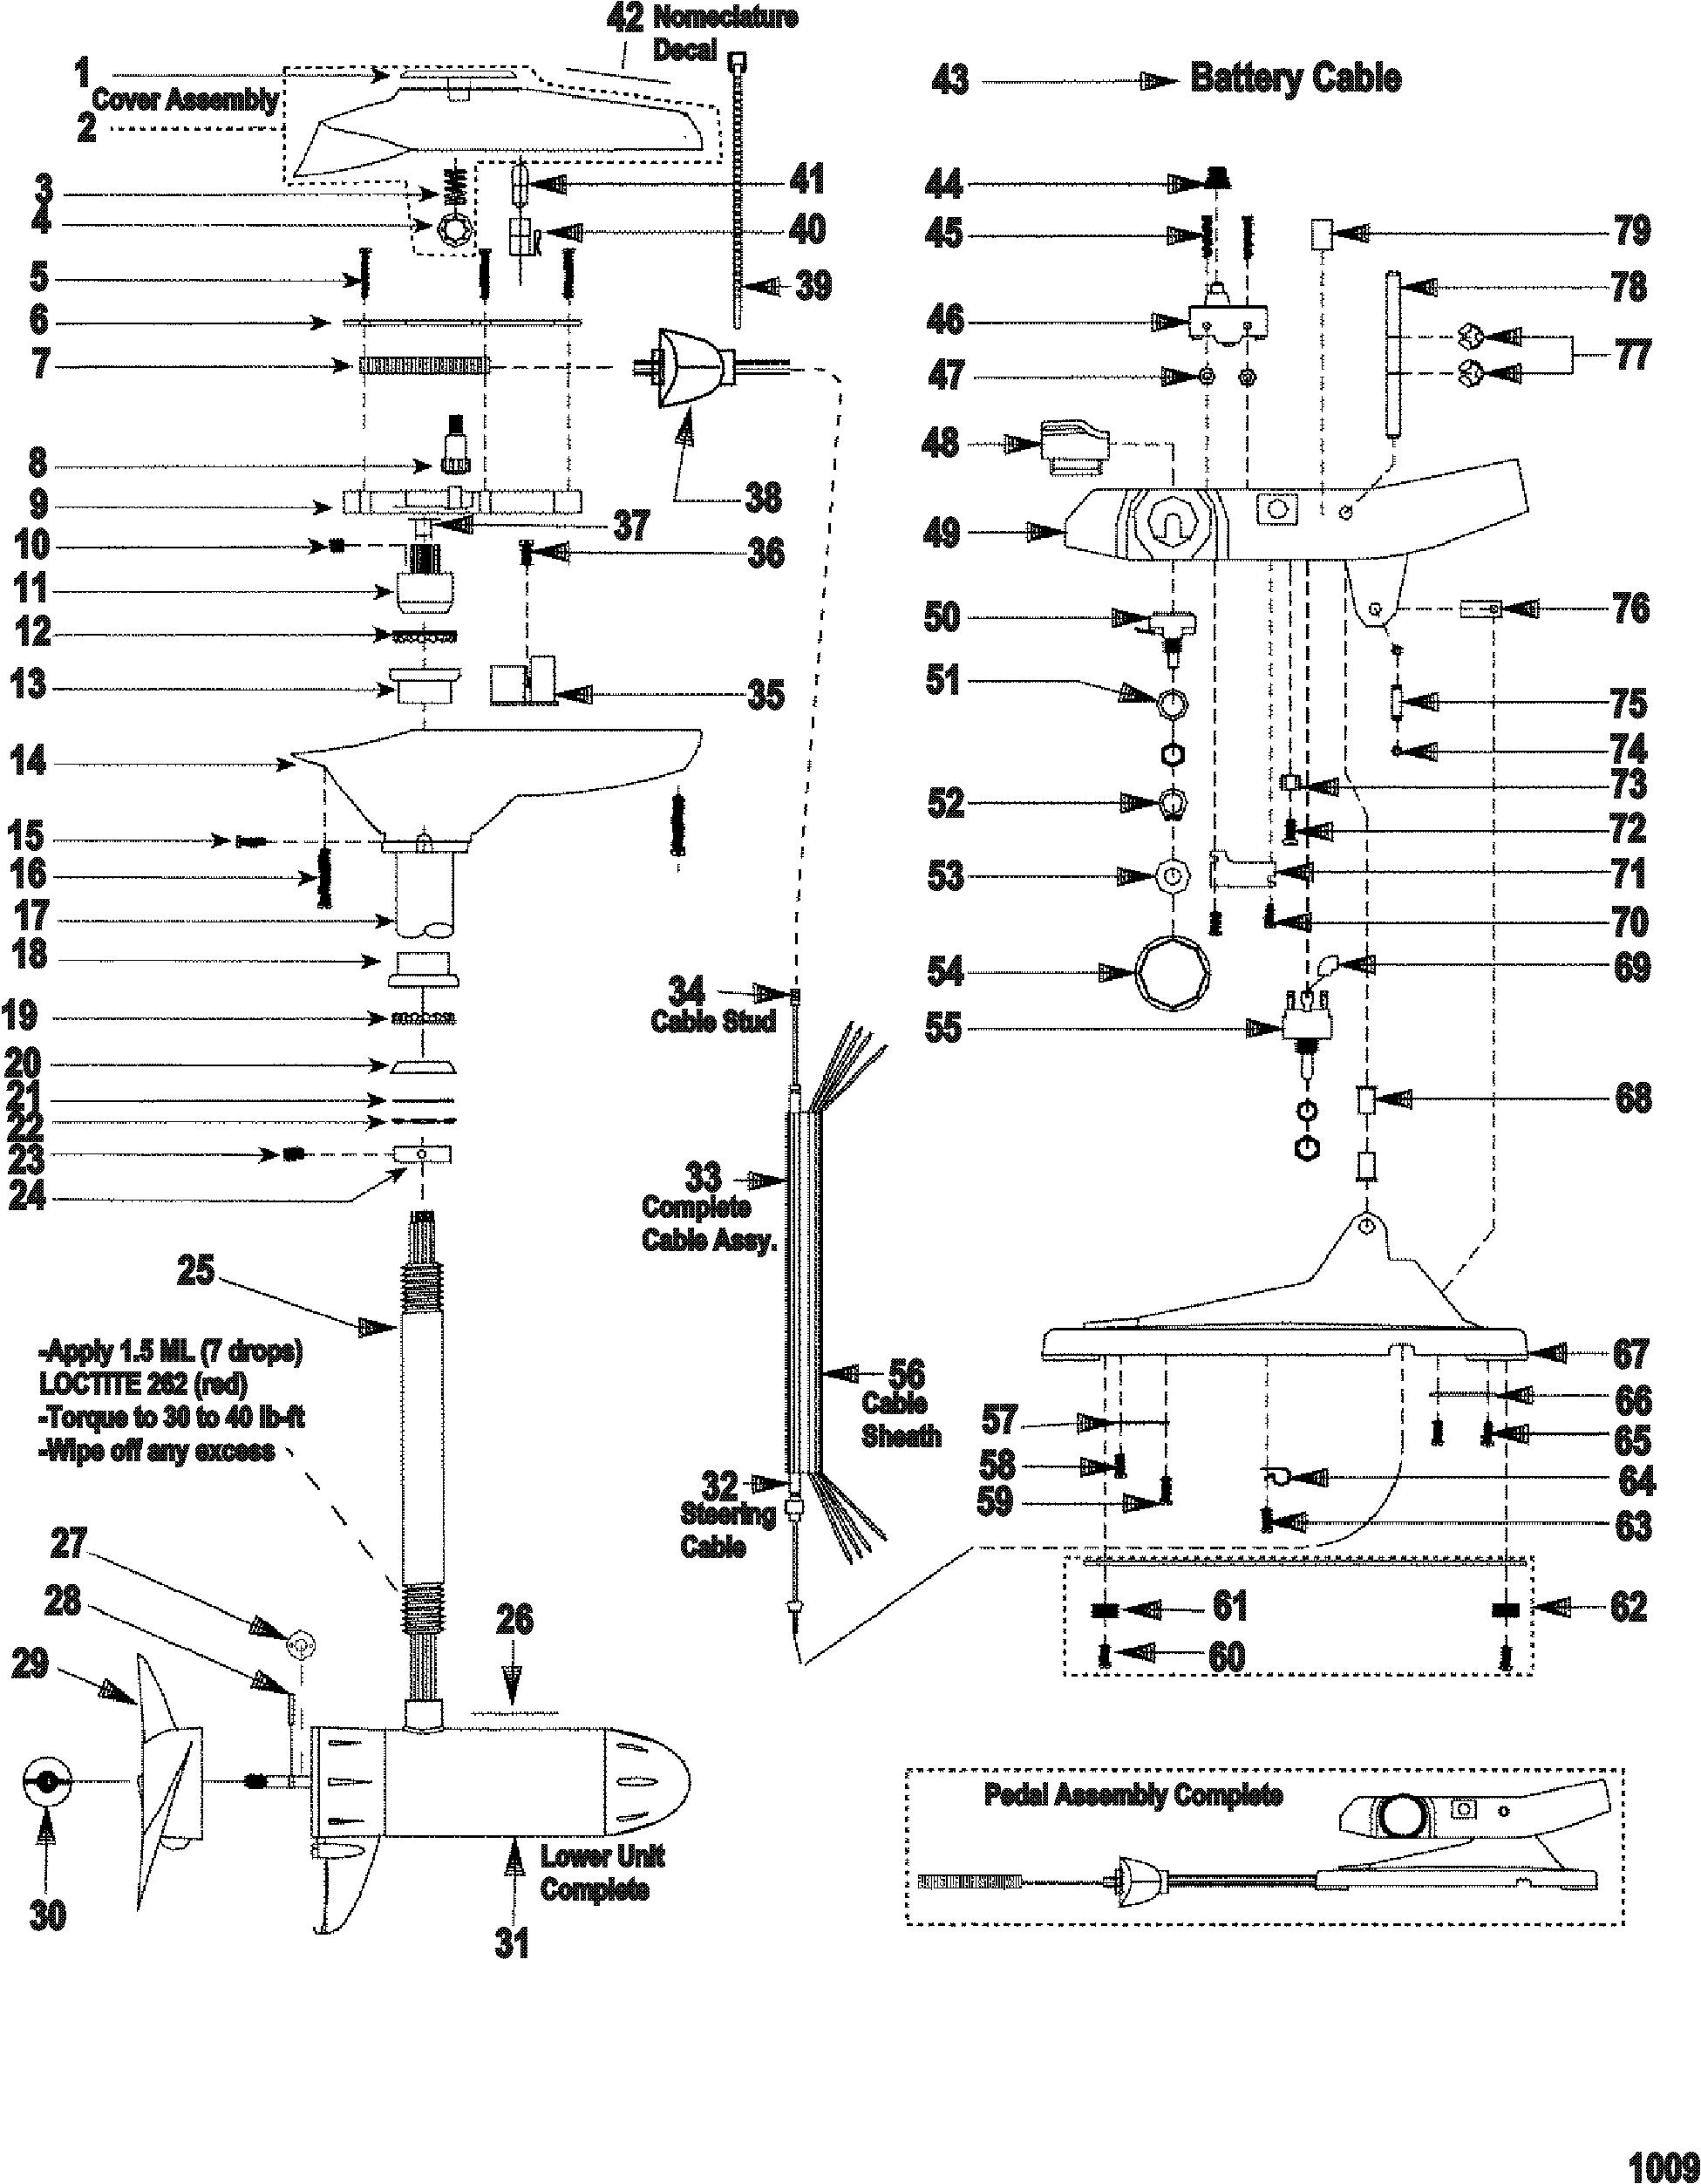 Motorguide W75 Parts Diagram